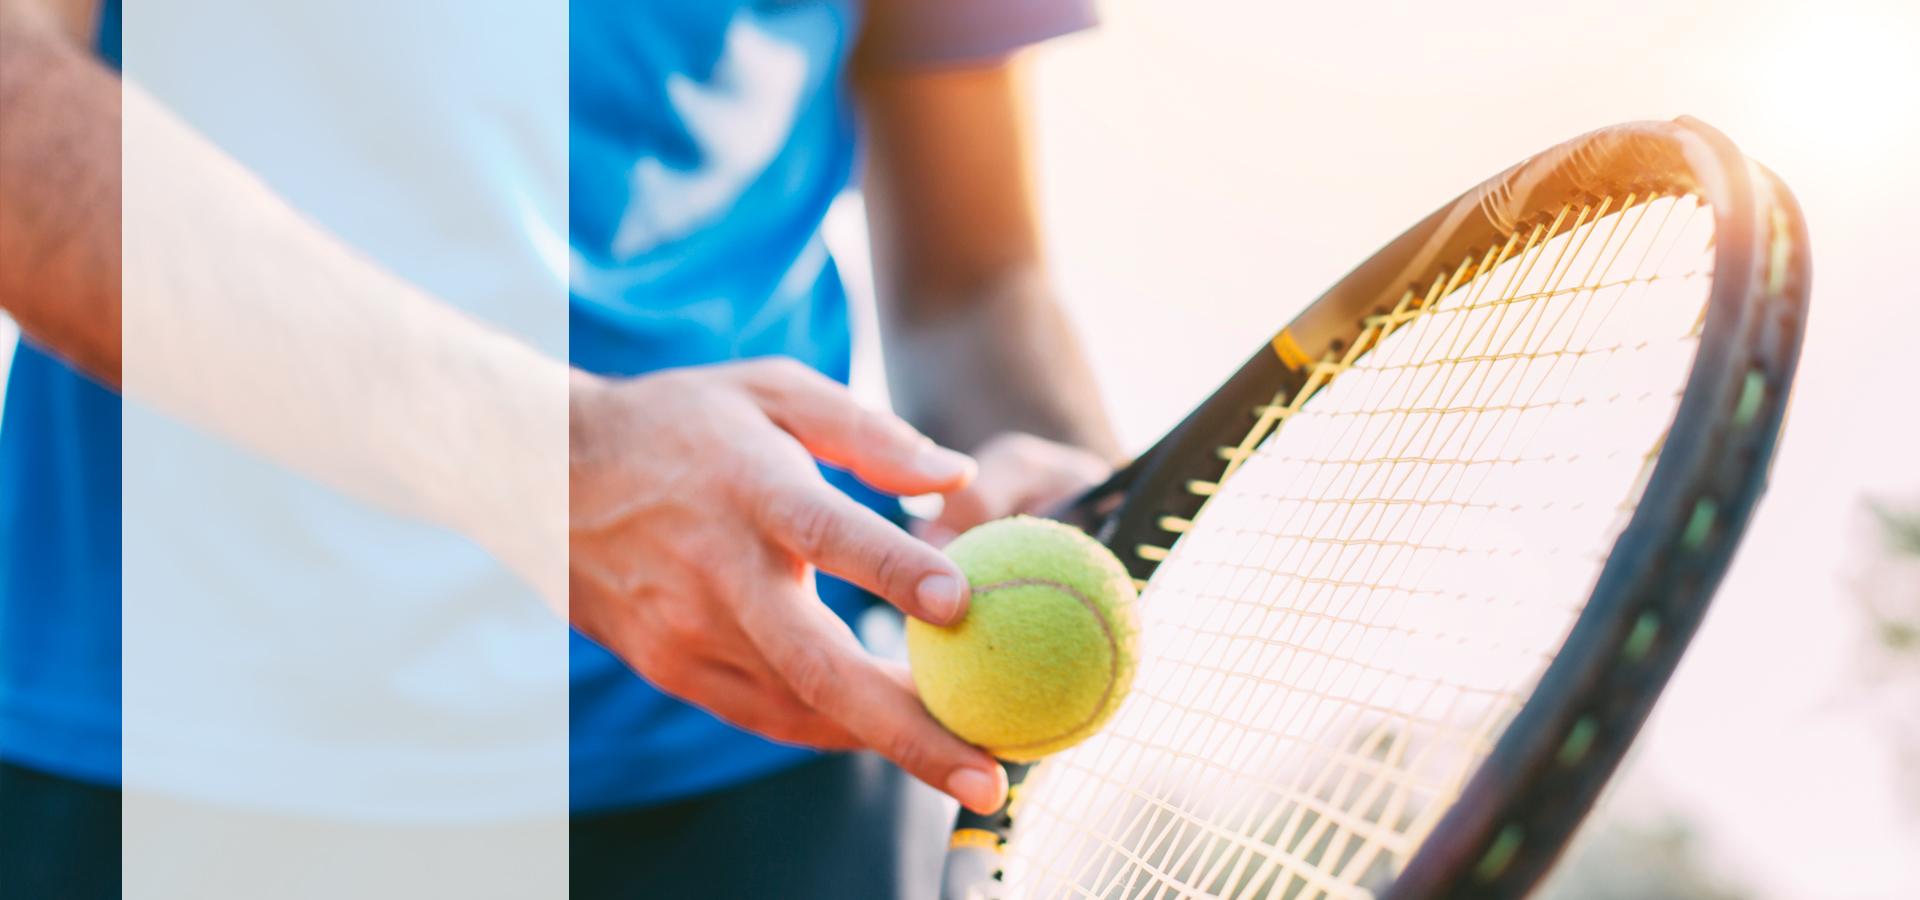 Tennis Slider